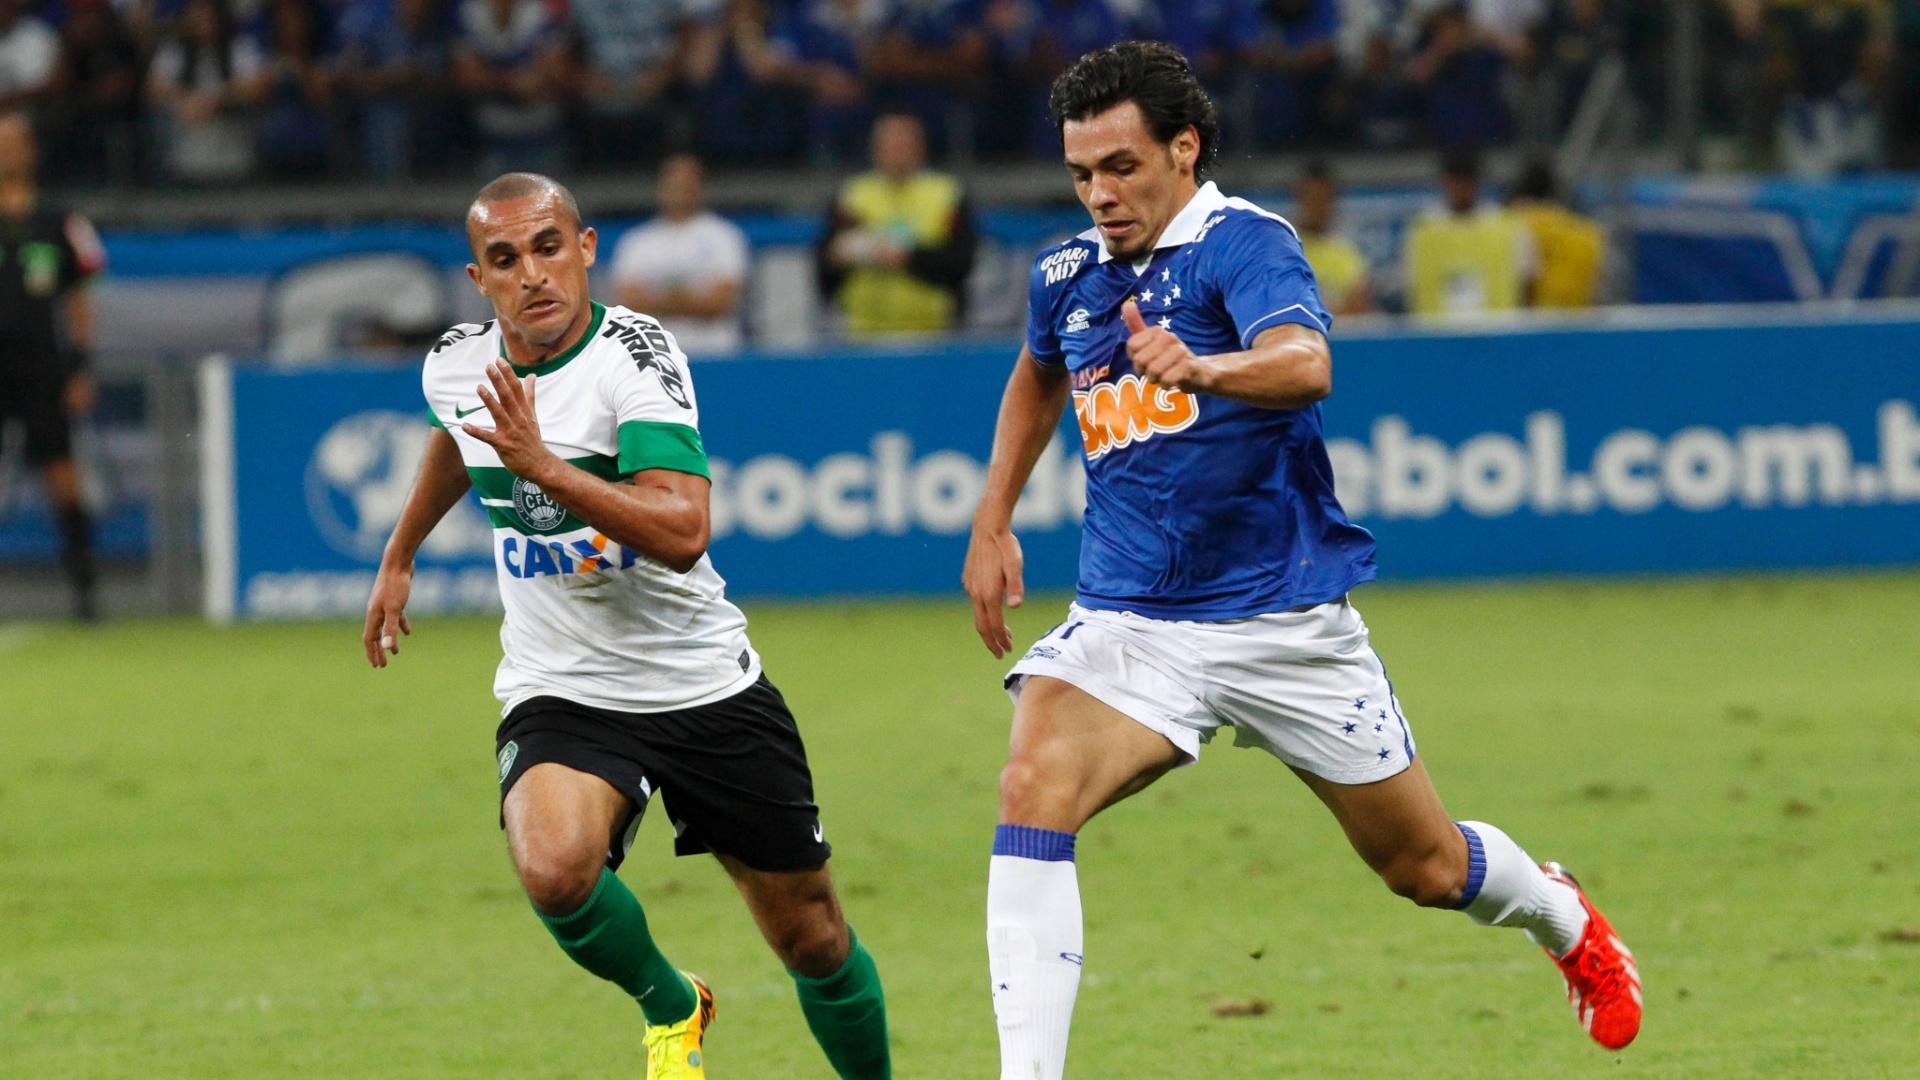 03.ago.2013 - Atacante Ricardo Goulart busca jogada durante partida entre Cruzeiro e Coritiba